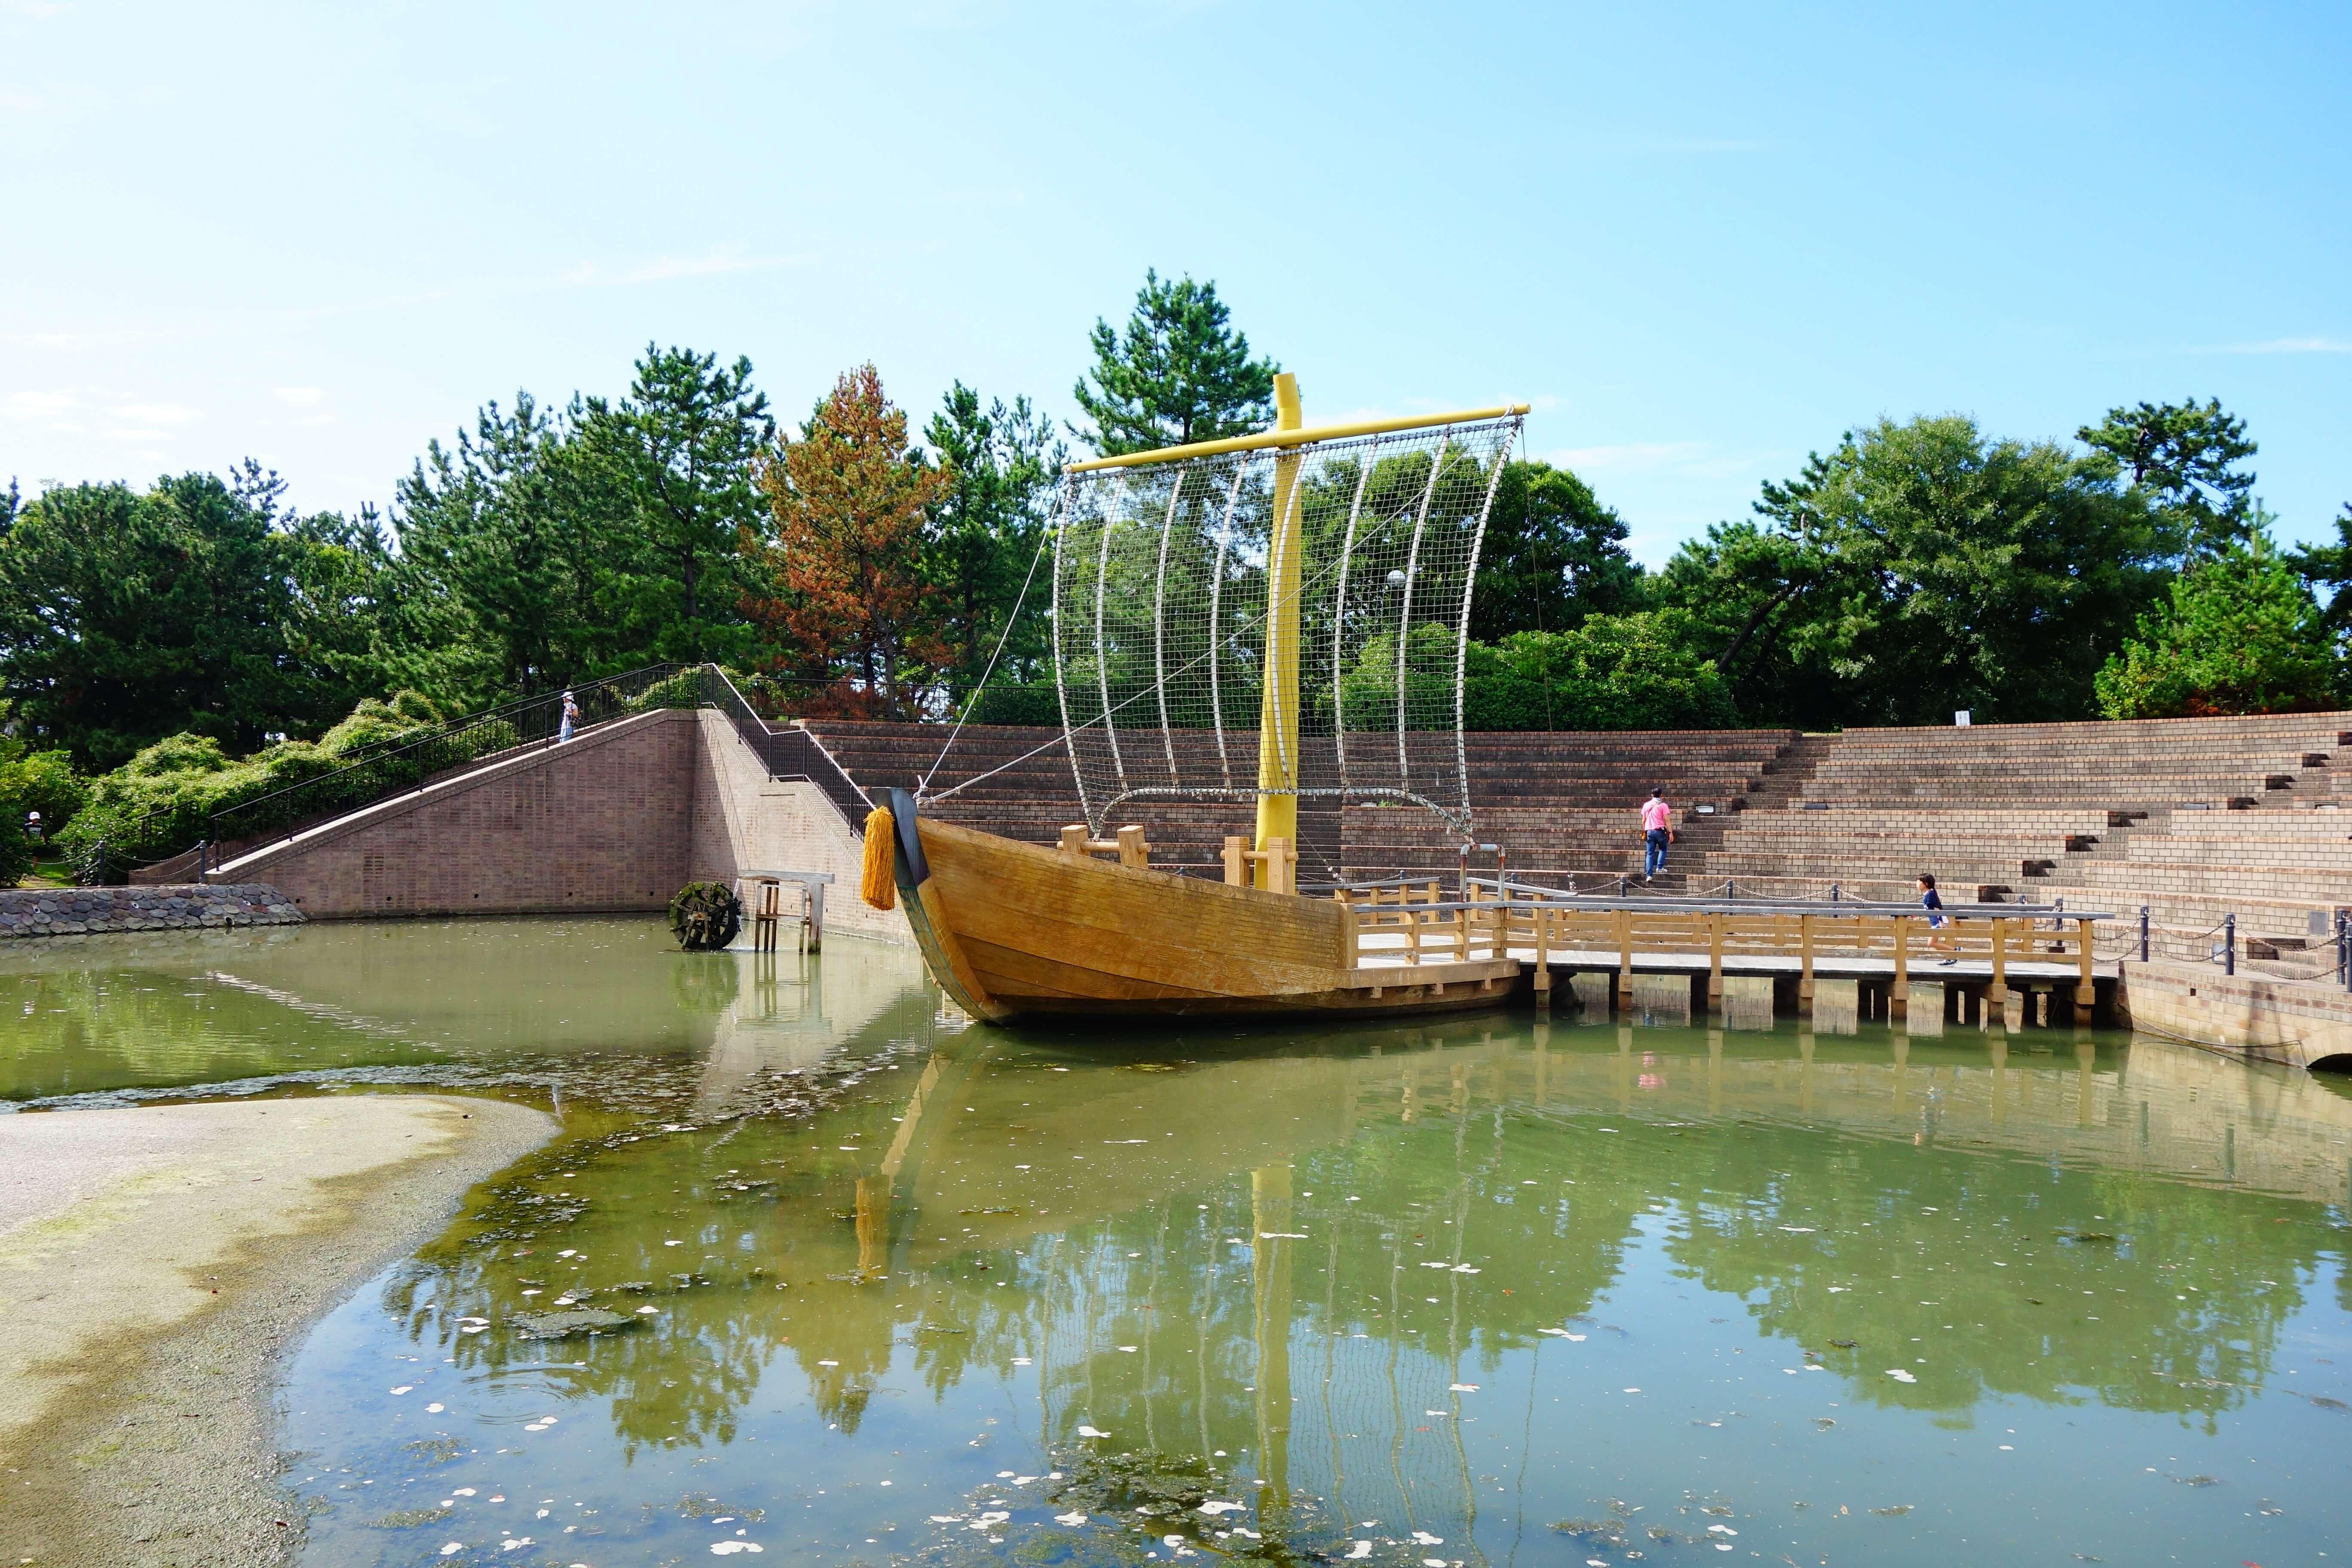 大野お台場公園|金沢市にある船がシンボルの金沢港近くの公園